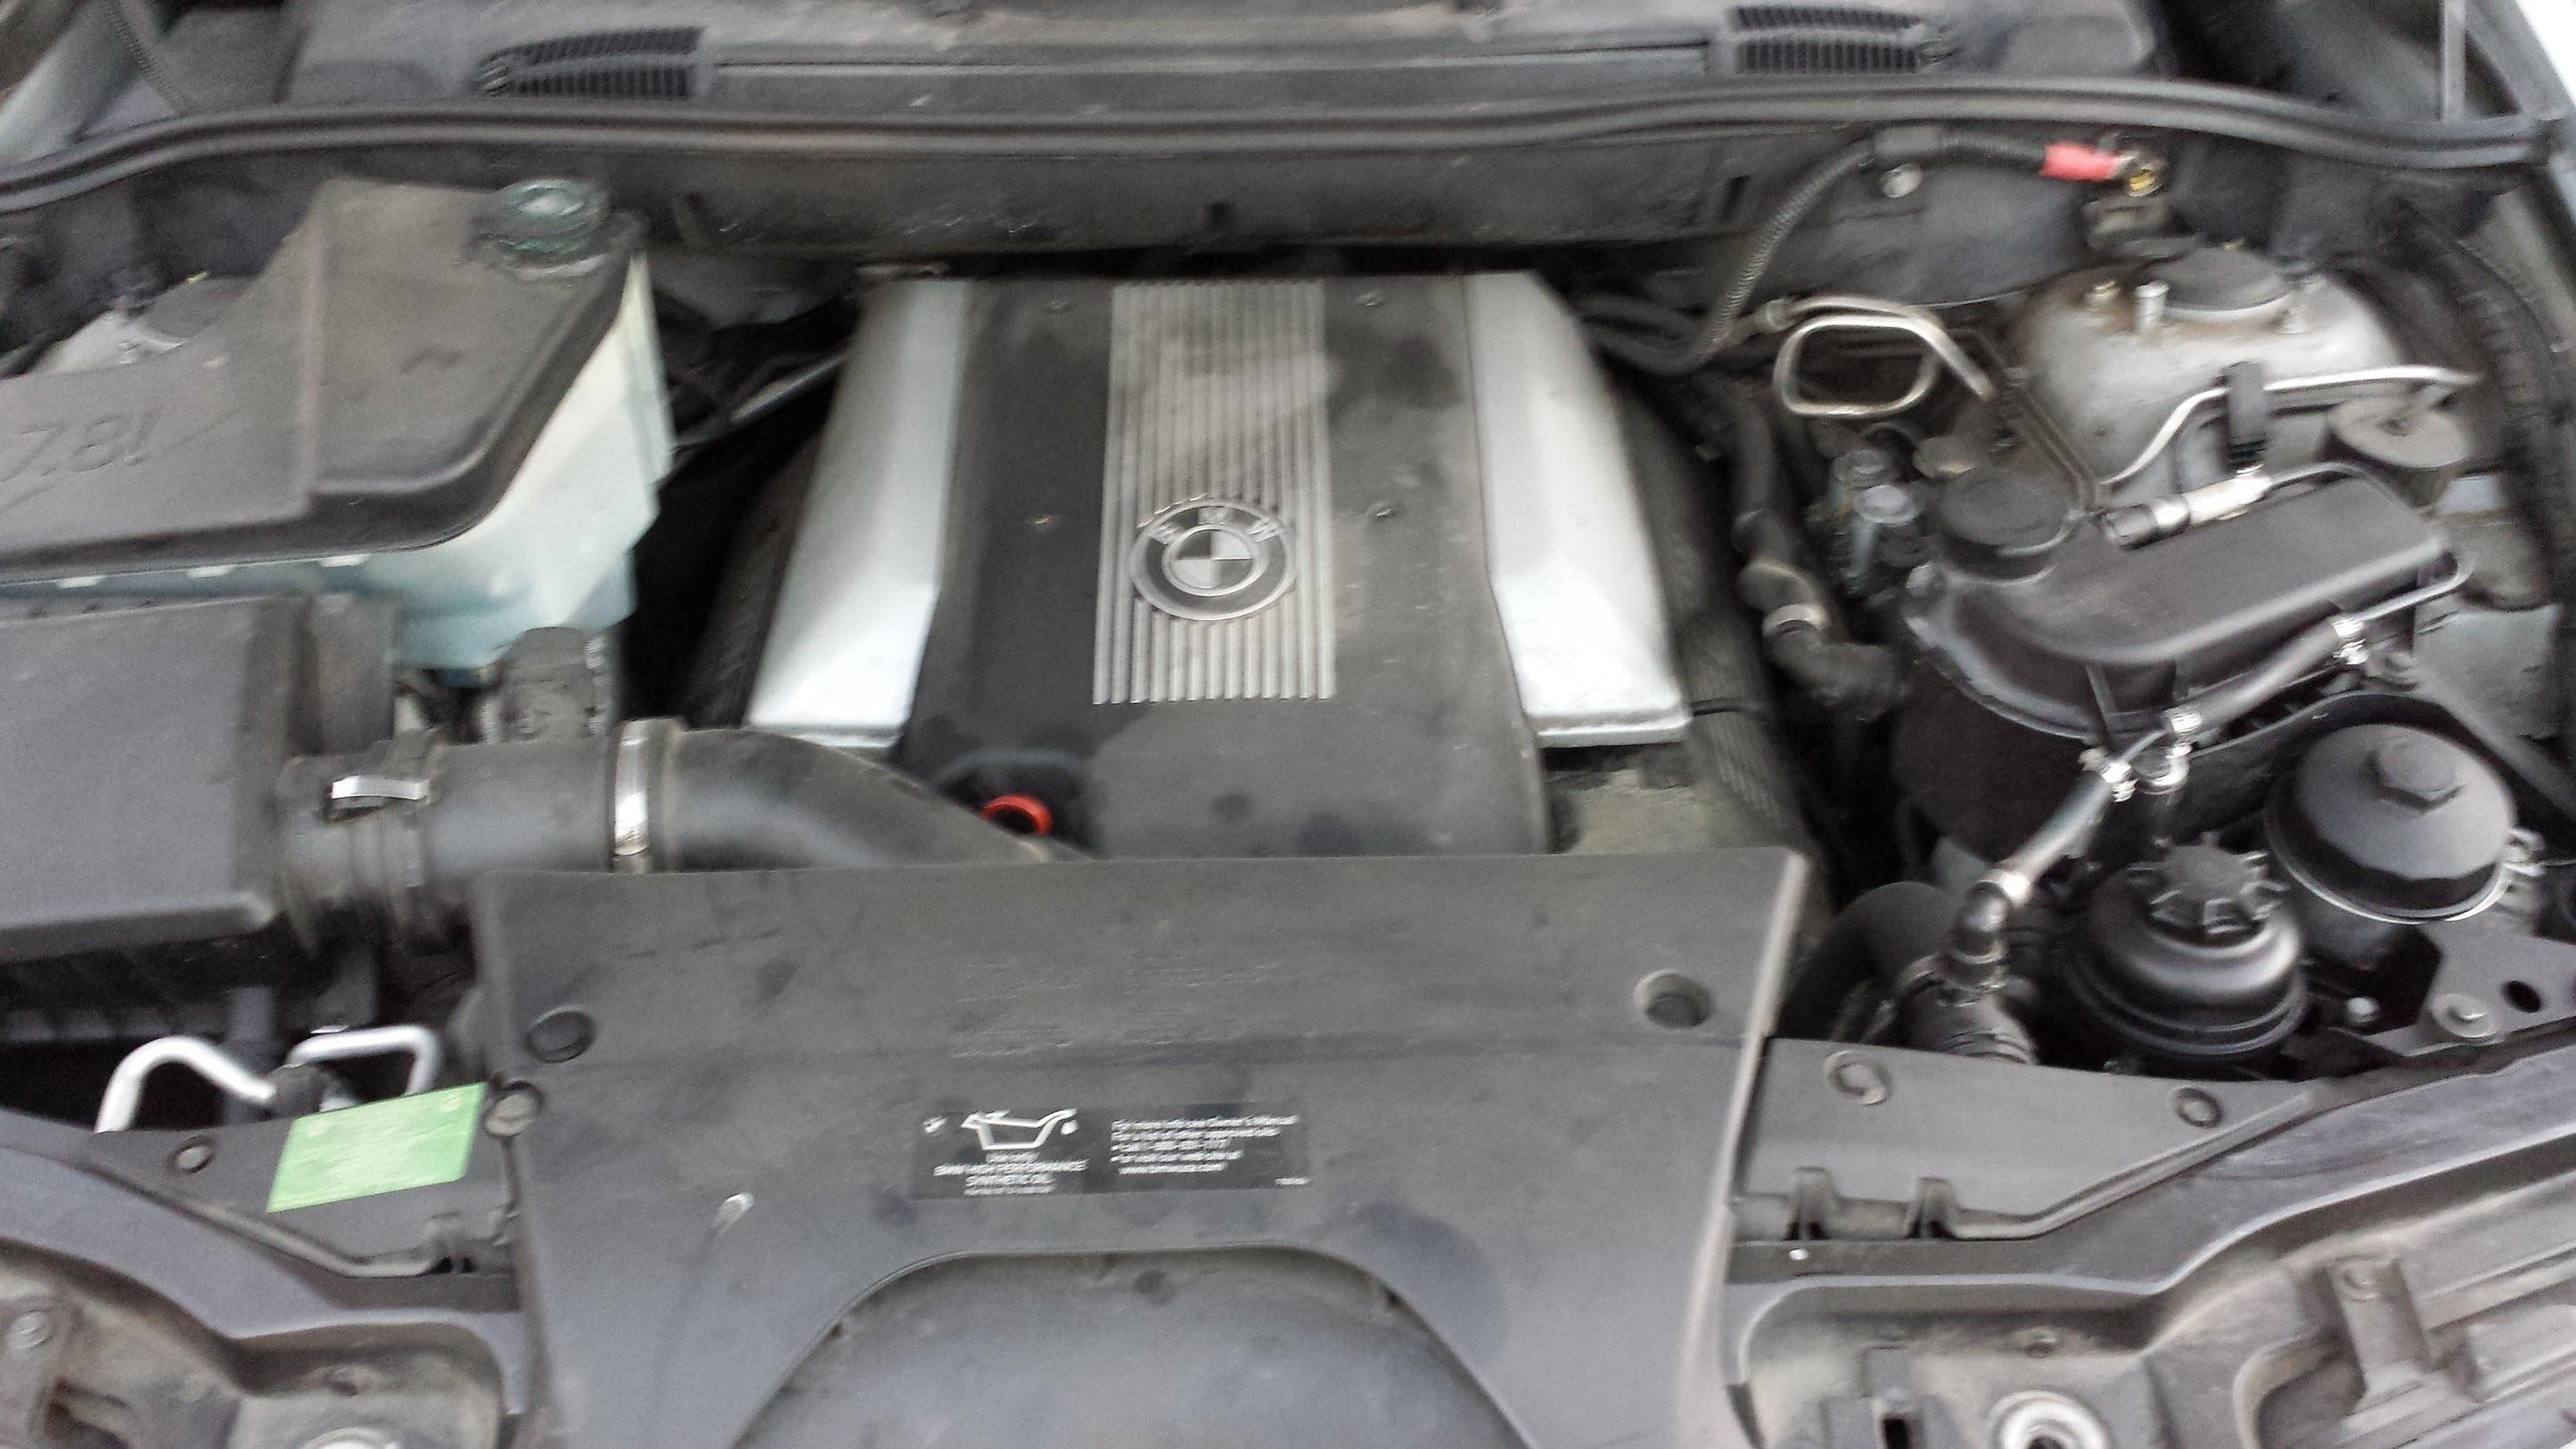 Car Motor Diagram Bmw E53 X5 4 4 Vanos Engine Diagram Of Car Motor Diagram